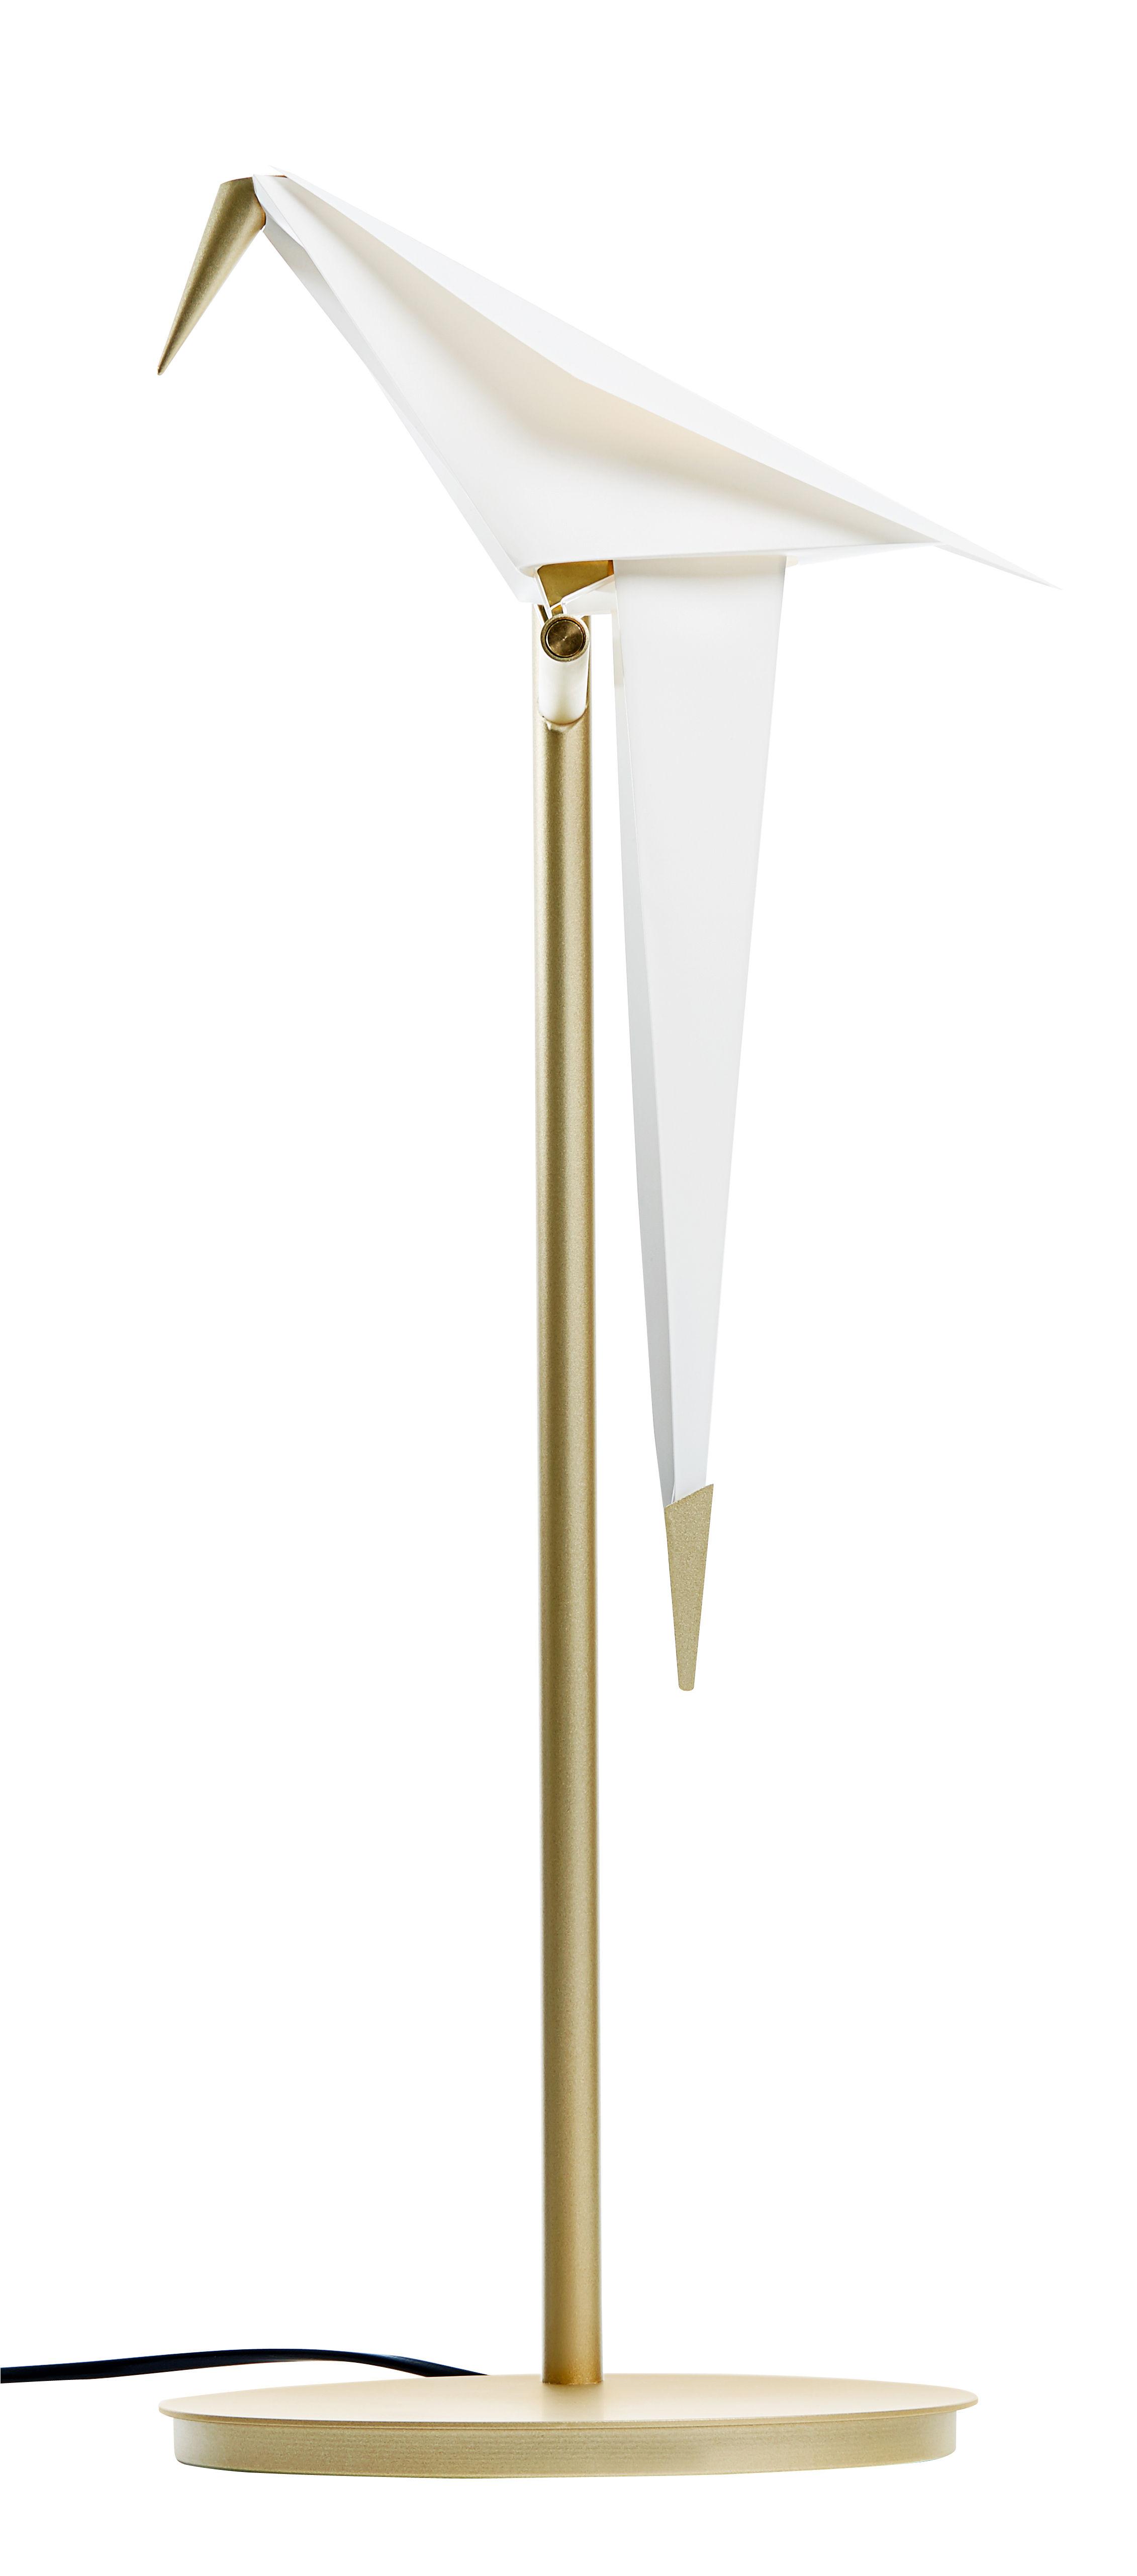 Leuchten - Tischleuchten - Perch Light LED Bodenleuchte / beweglicher Vogel - H 61 cm - Moooi - Weiß & Messing - Aluminium, Polypropylen, Stahl